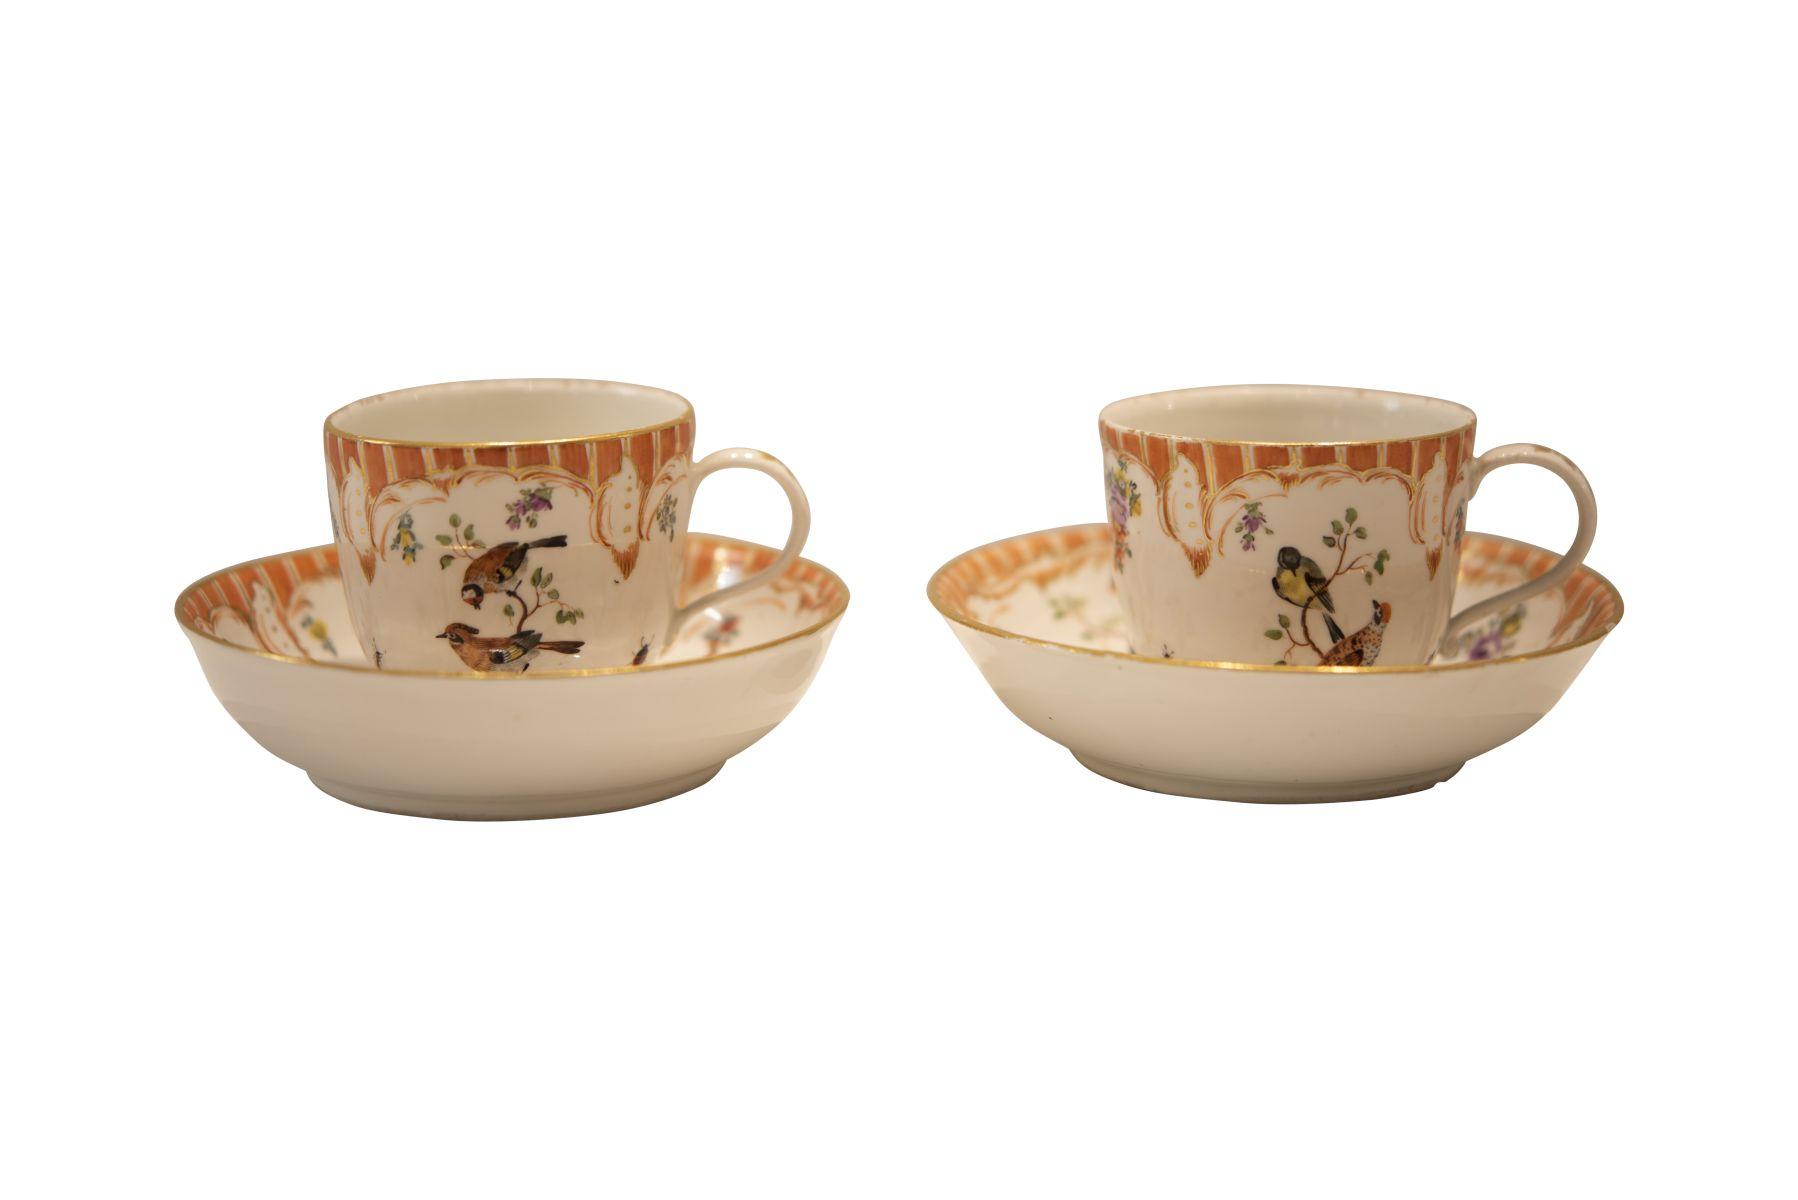 #252 2 ornamental cups Fürstenberg 1760-1770   2 Ziertassen Fürstenberg 1760-1770 Image